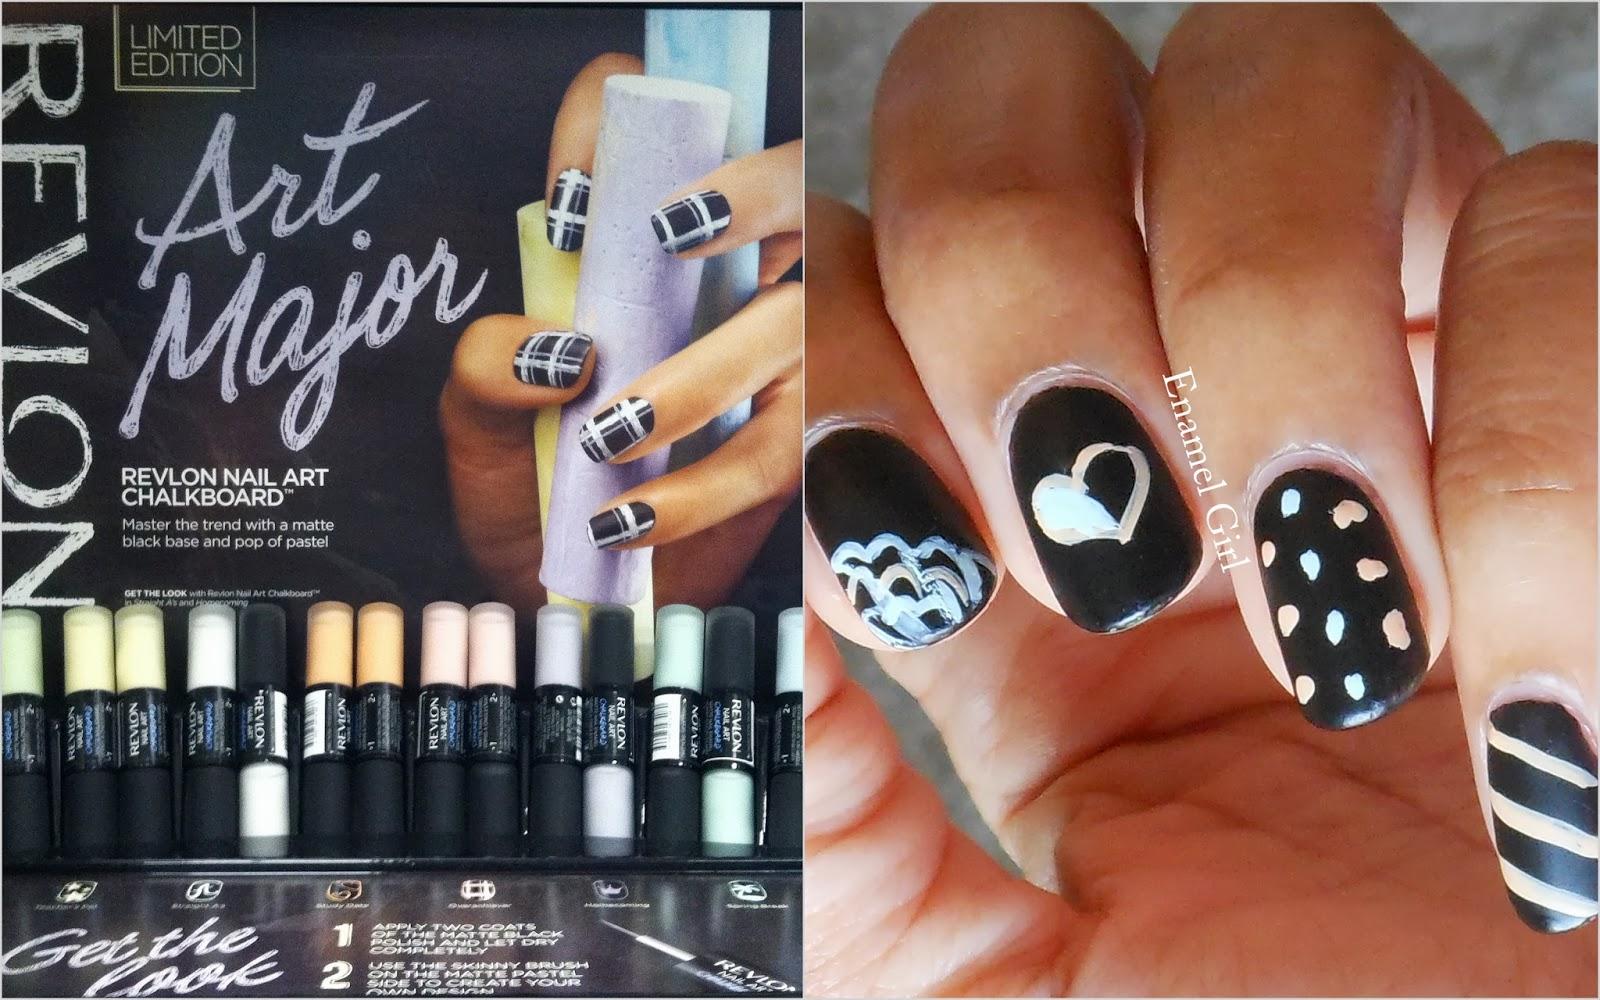 Enamel Girl: Revlon Nail Art Chalkboard Polish - Review ...